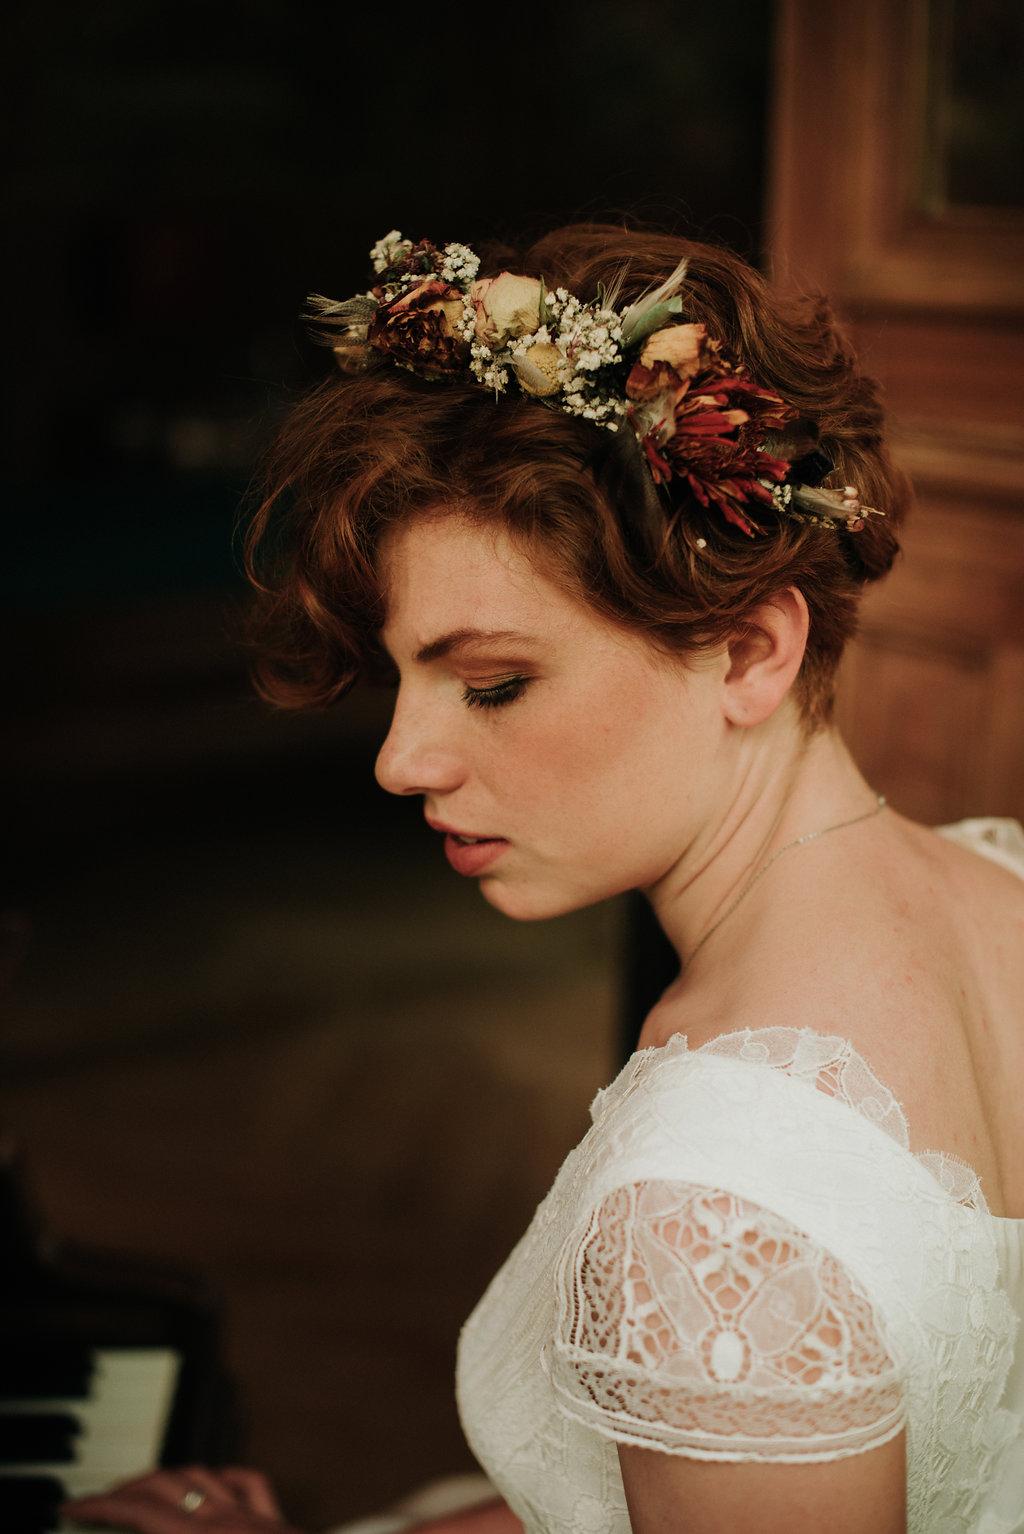 Léa-Fery-photographe-professionnel-lyon-rhone-alpes-portrait-creation-mariage-evenement-evenementiel-famille-7248.jpg